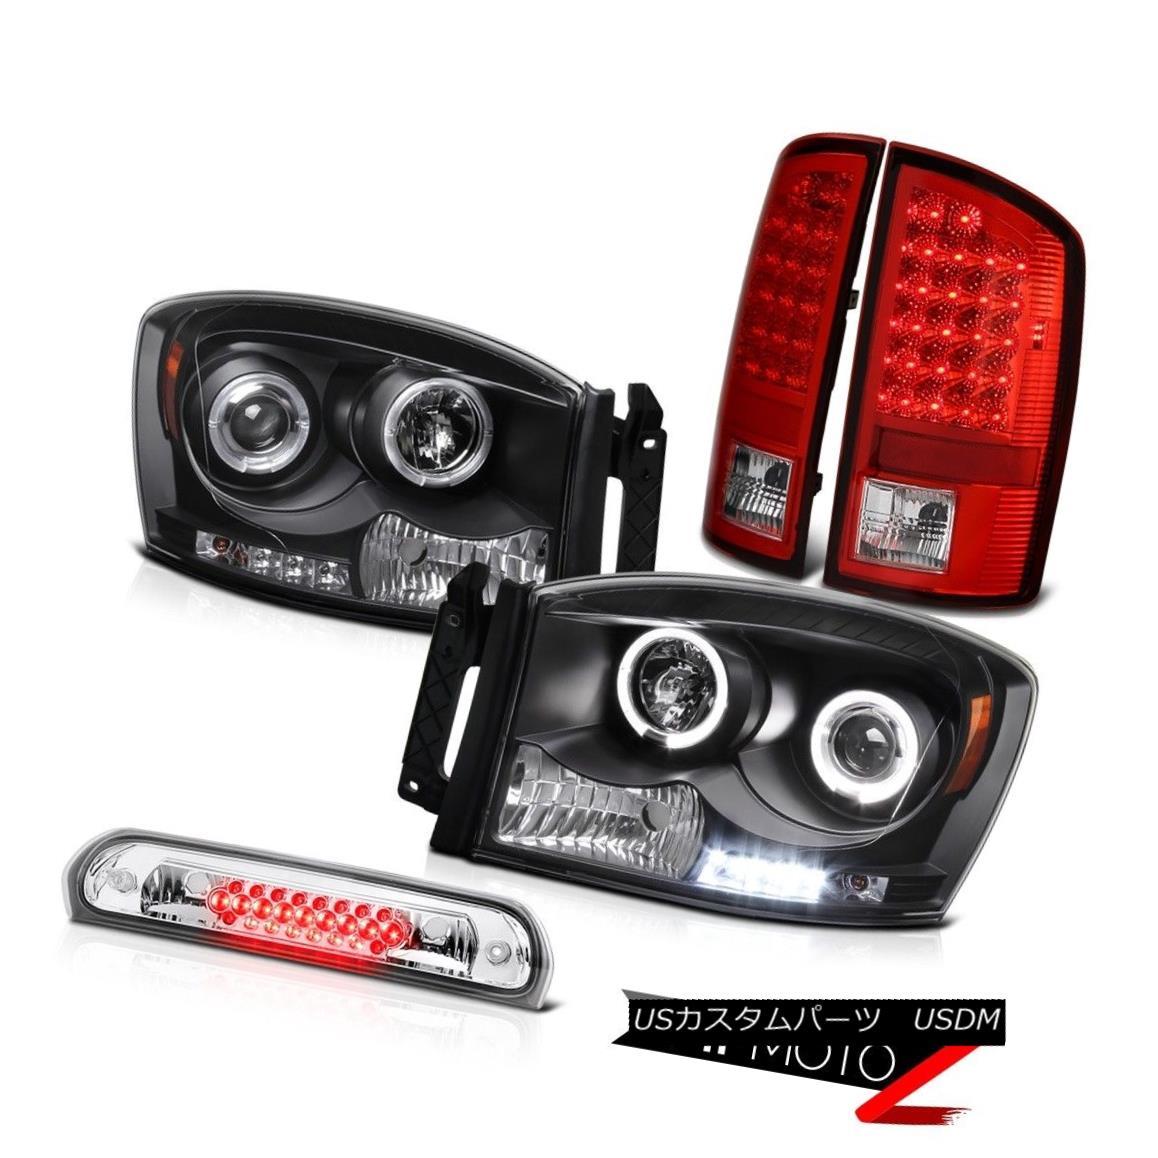 テールライト Black LED DRL Halo Headlamps LH+RH Brake Lights Chrome Cargo 2007-2008 Ram V6 ブラックLED DRL HaloヘッドランプLH + RHブレーキライトChrome Cargo 2007-2008 Ram V6